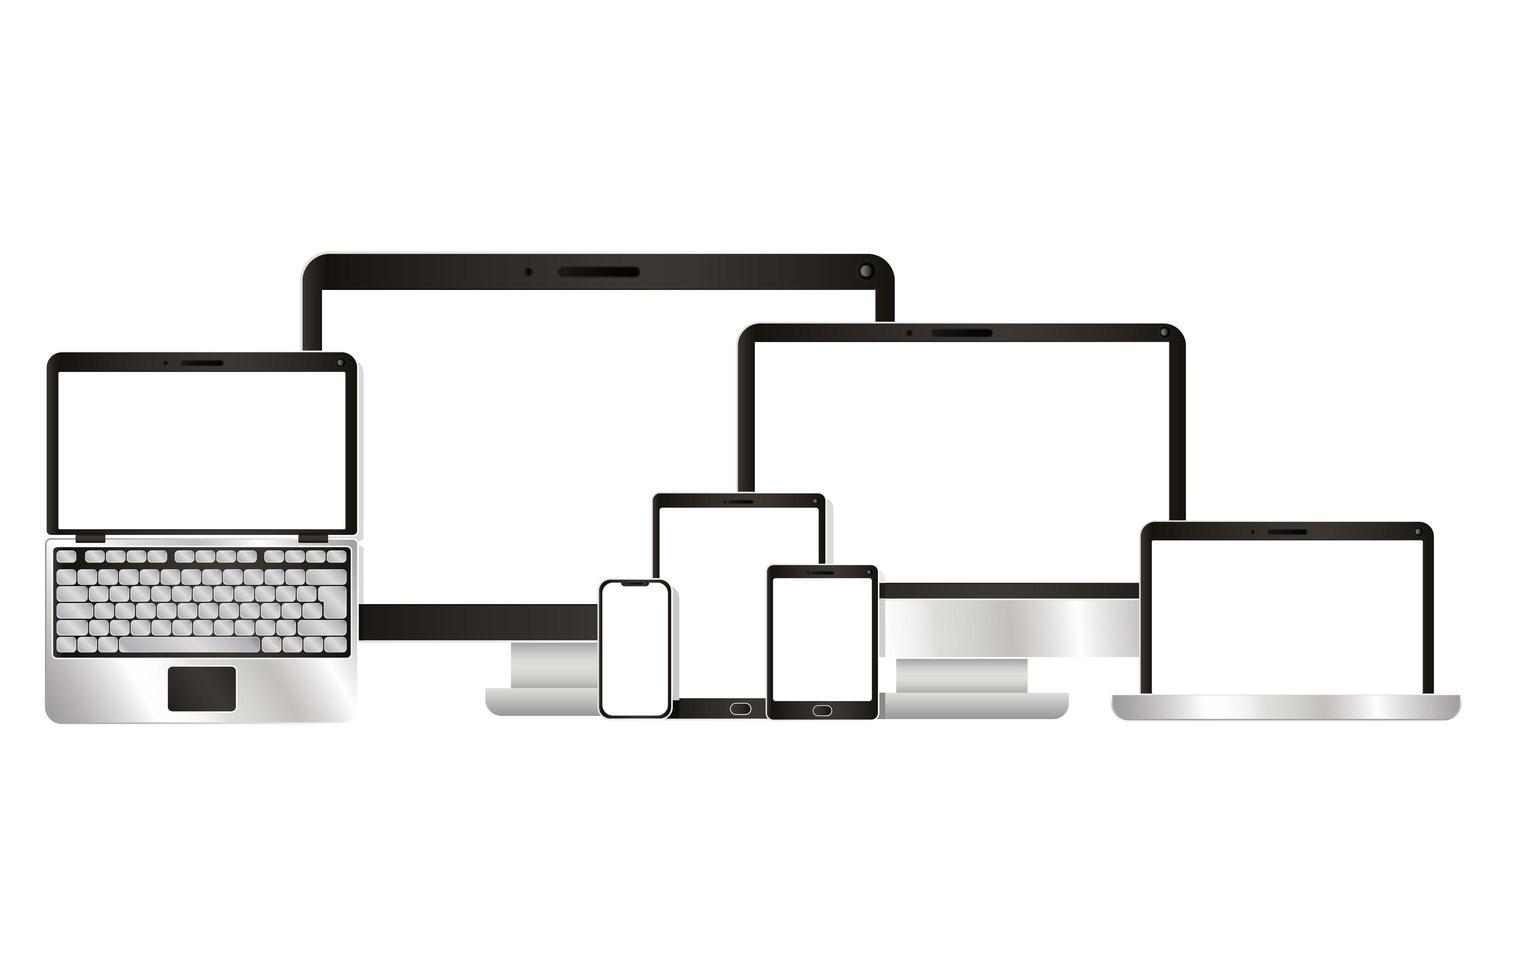 dator bärbar dator surfplatta och smartphone design vektor